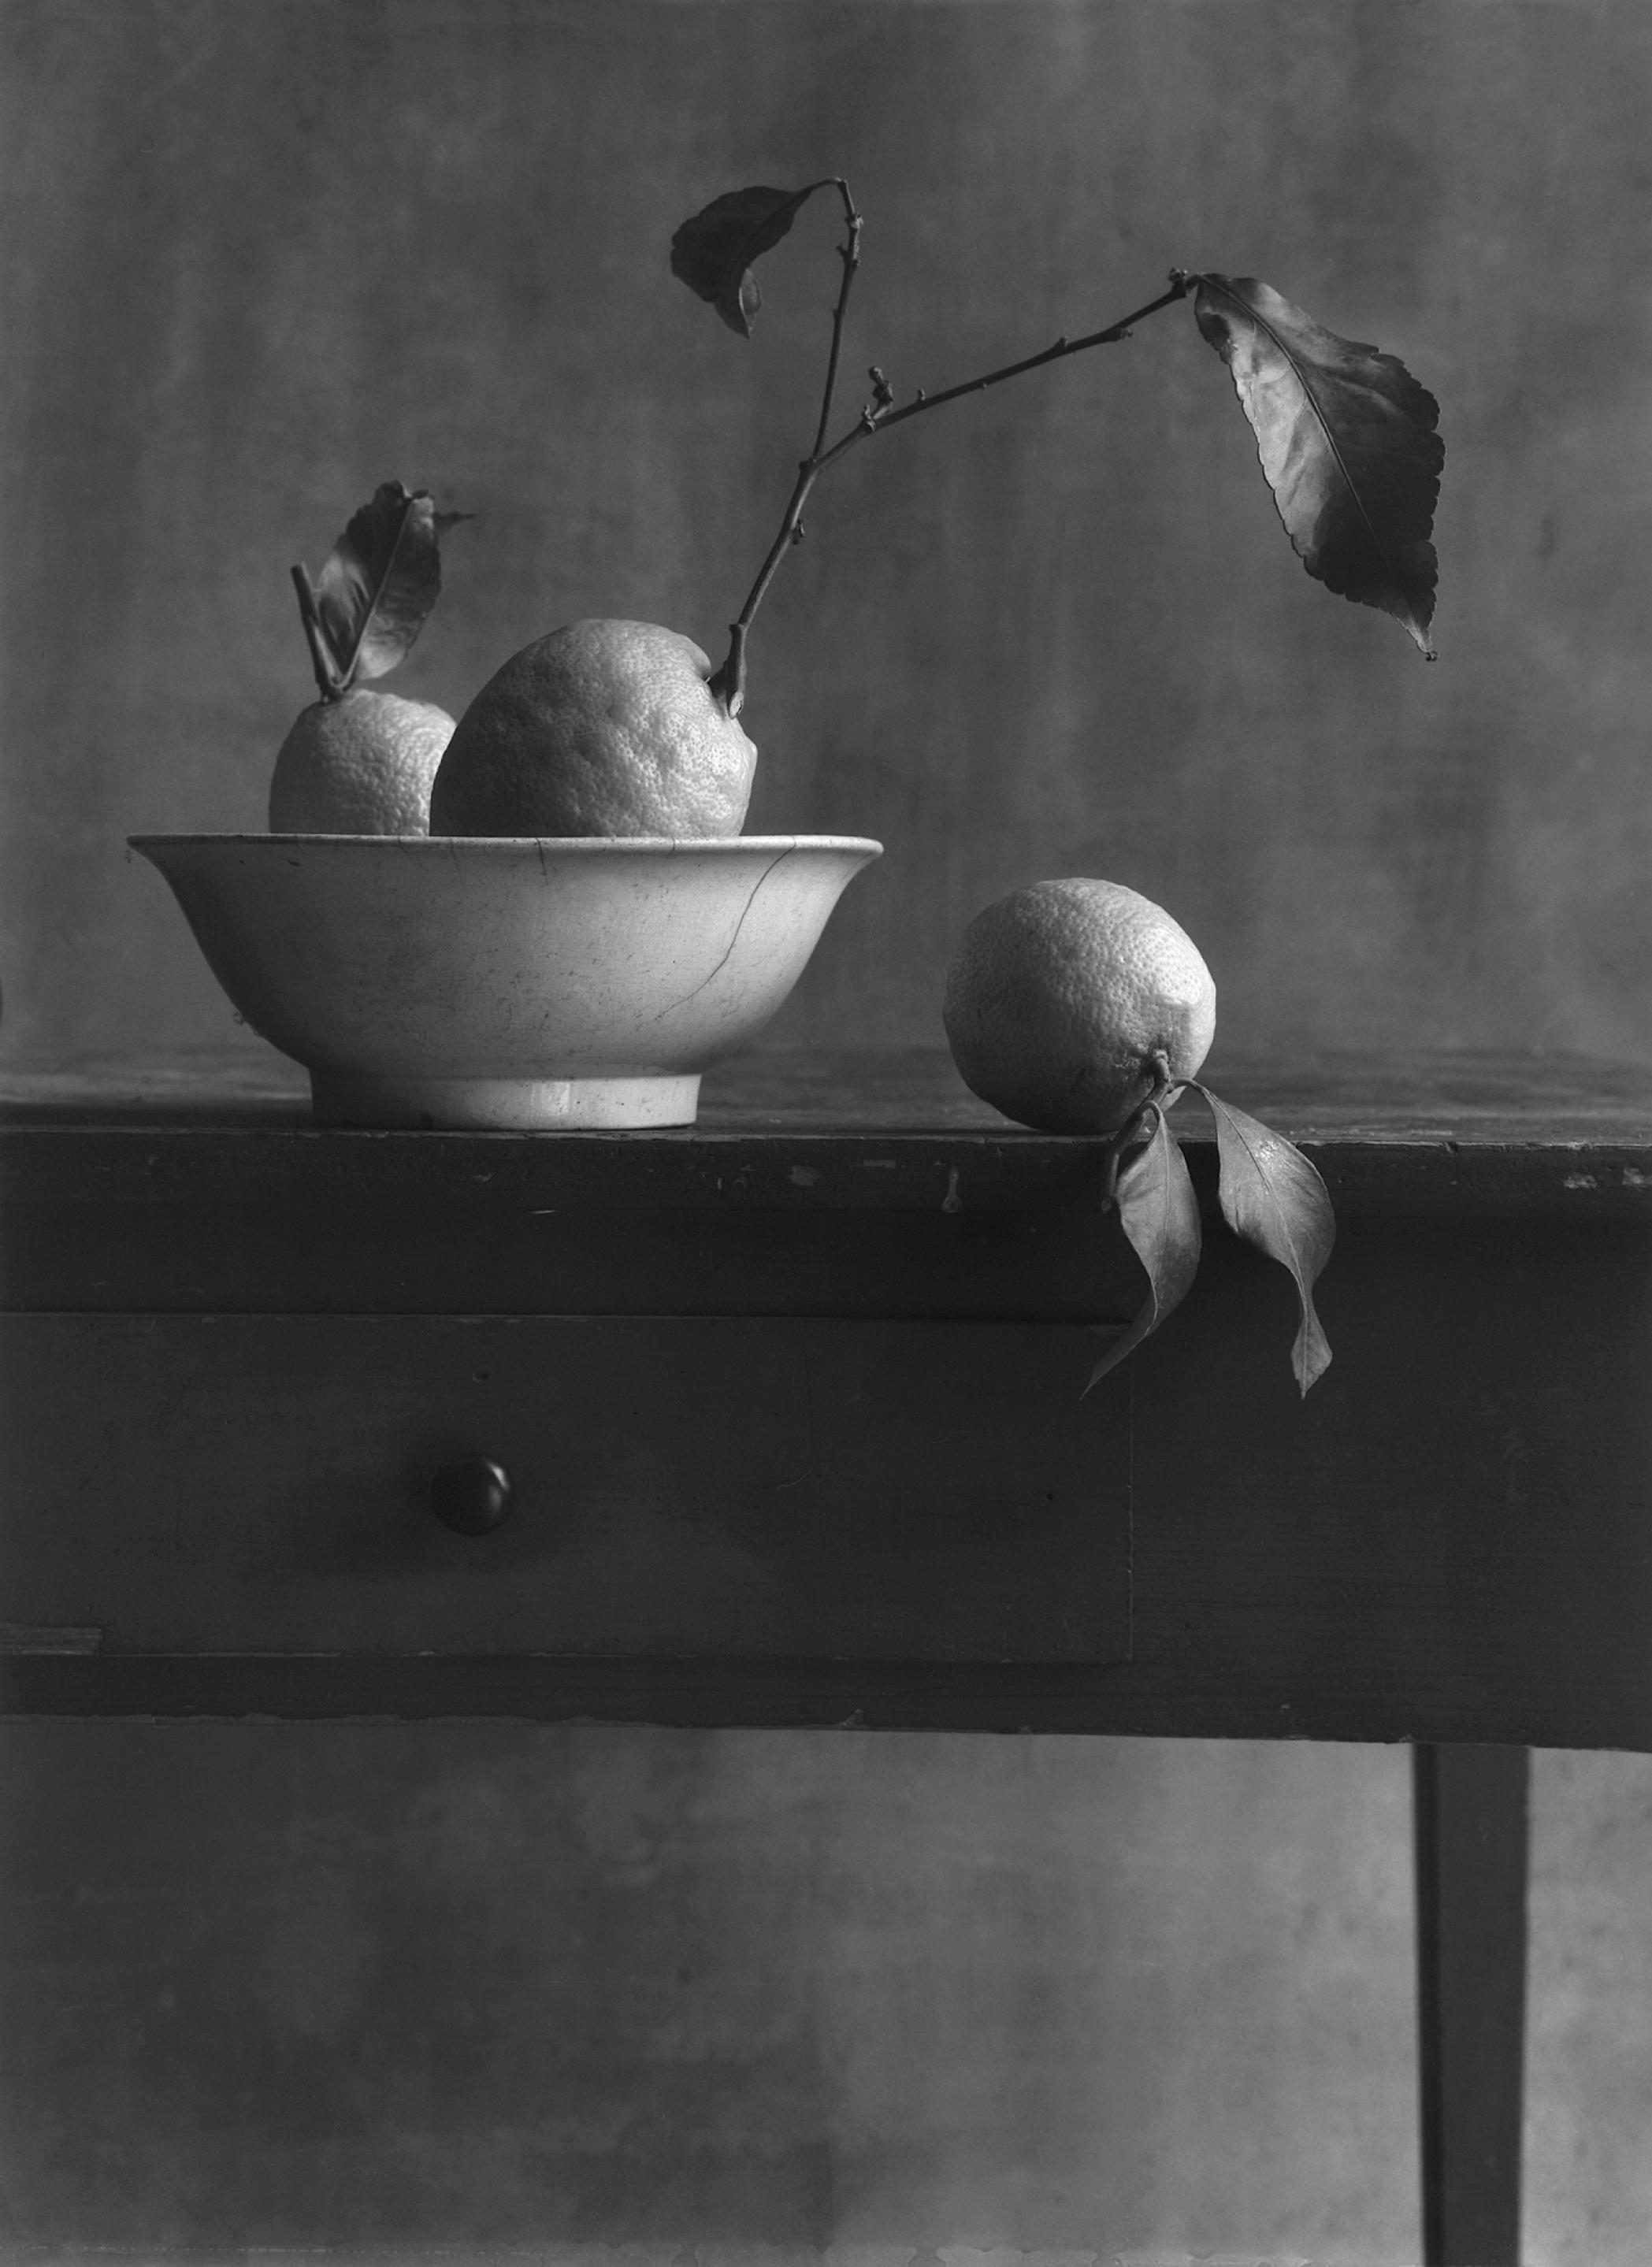 Christian Coigny - Still Life   Pintura preto e branco, Vida com arte,  Produção de arte